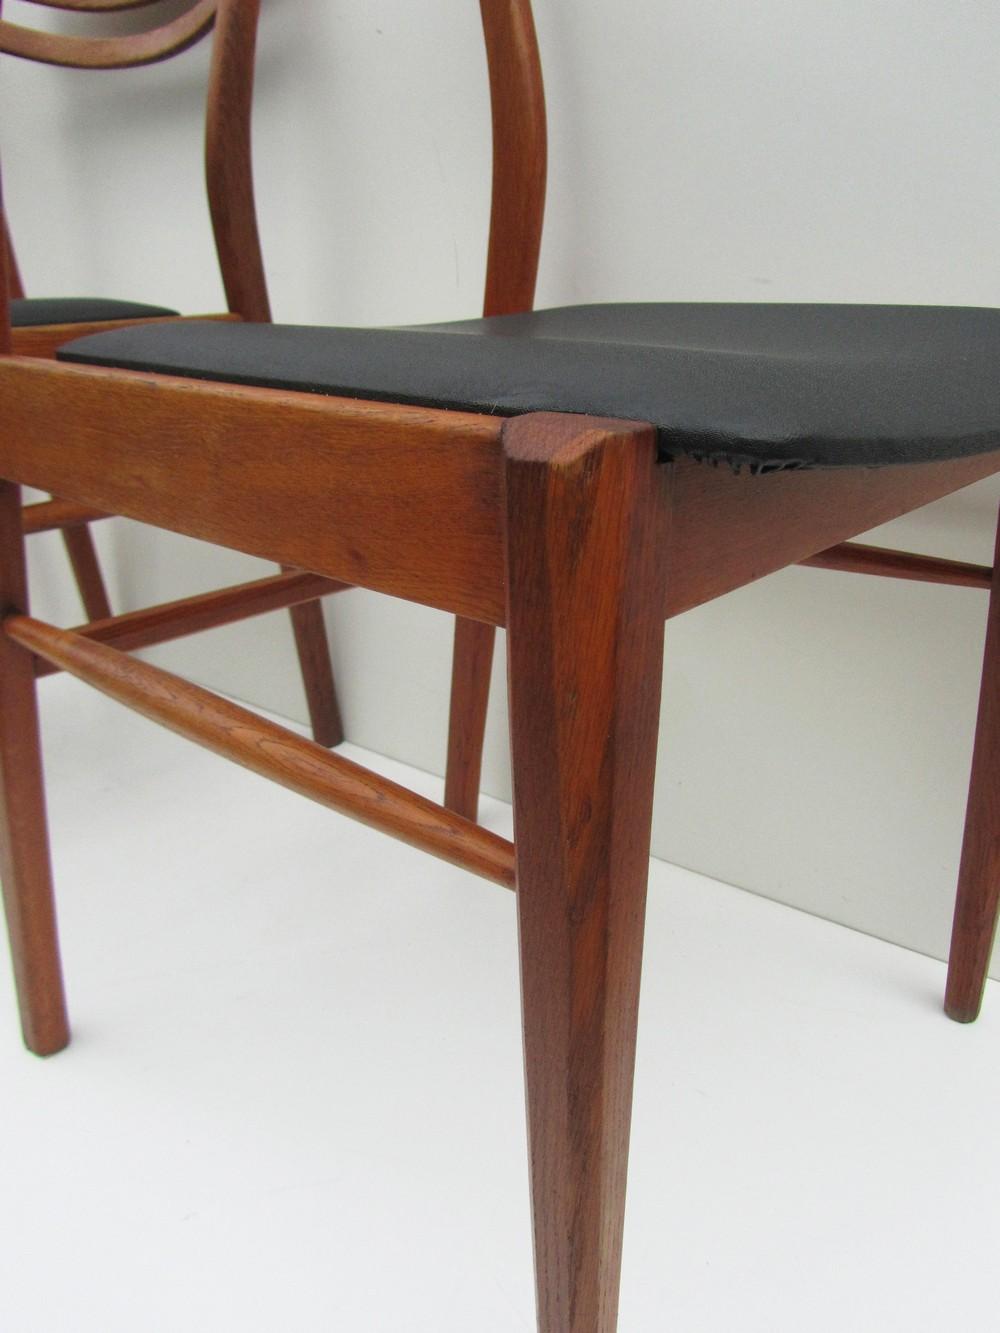 Design Meubelen Jaren 50.Set Van 3 Scandinavische Houten Design Stoelen